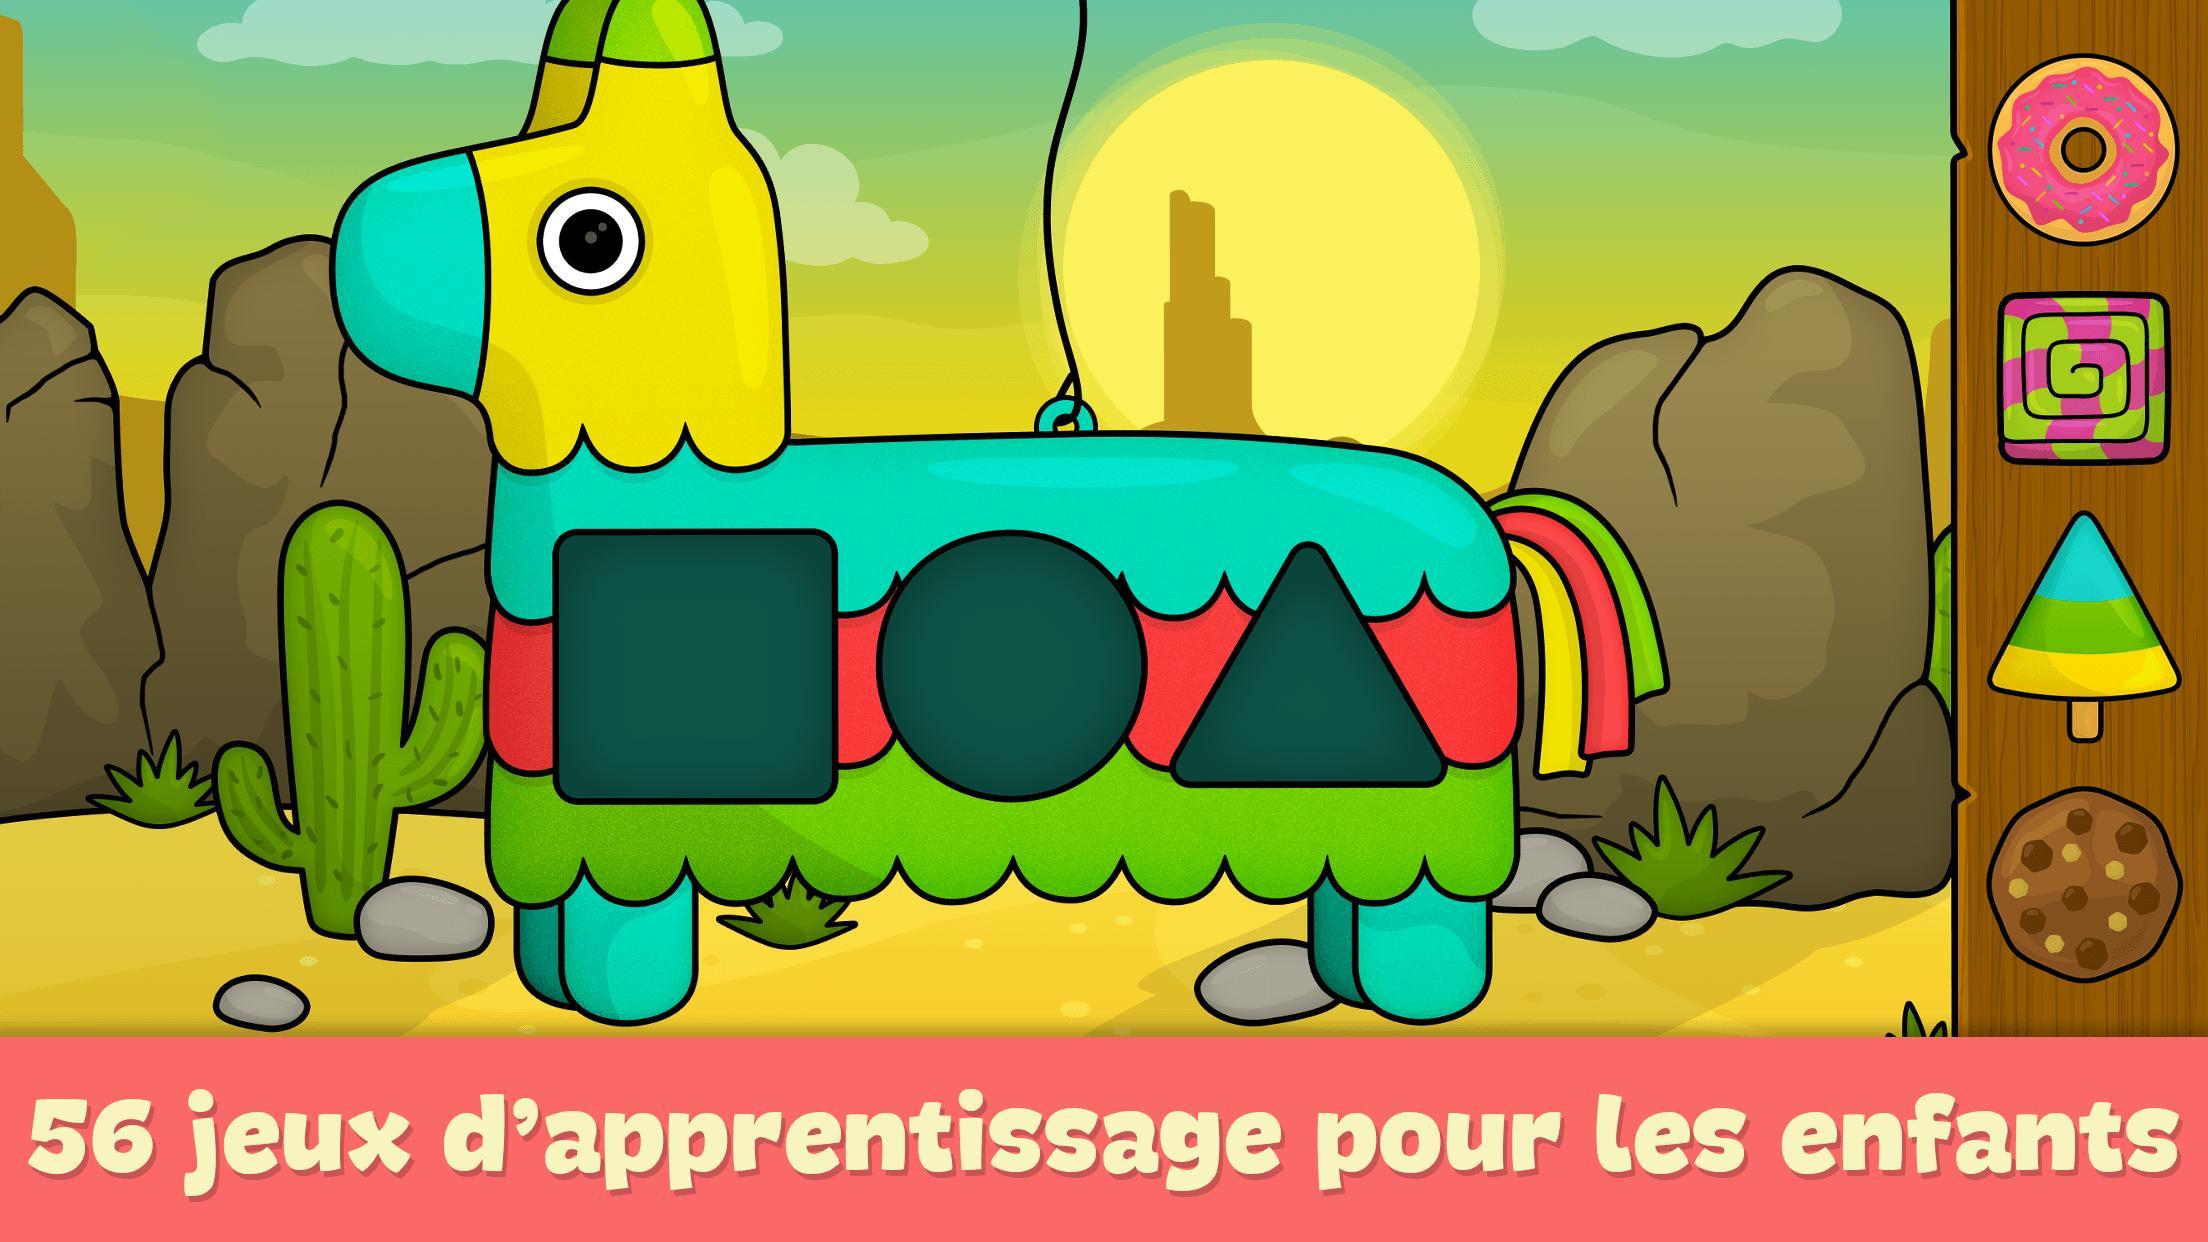 Jeux Pour Enfants 2 - 5 Ans Pour Android - Téléchargez L'apk encequiconcerne Jeux Bébé 2 Ans Gratuit A Telecharger